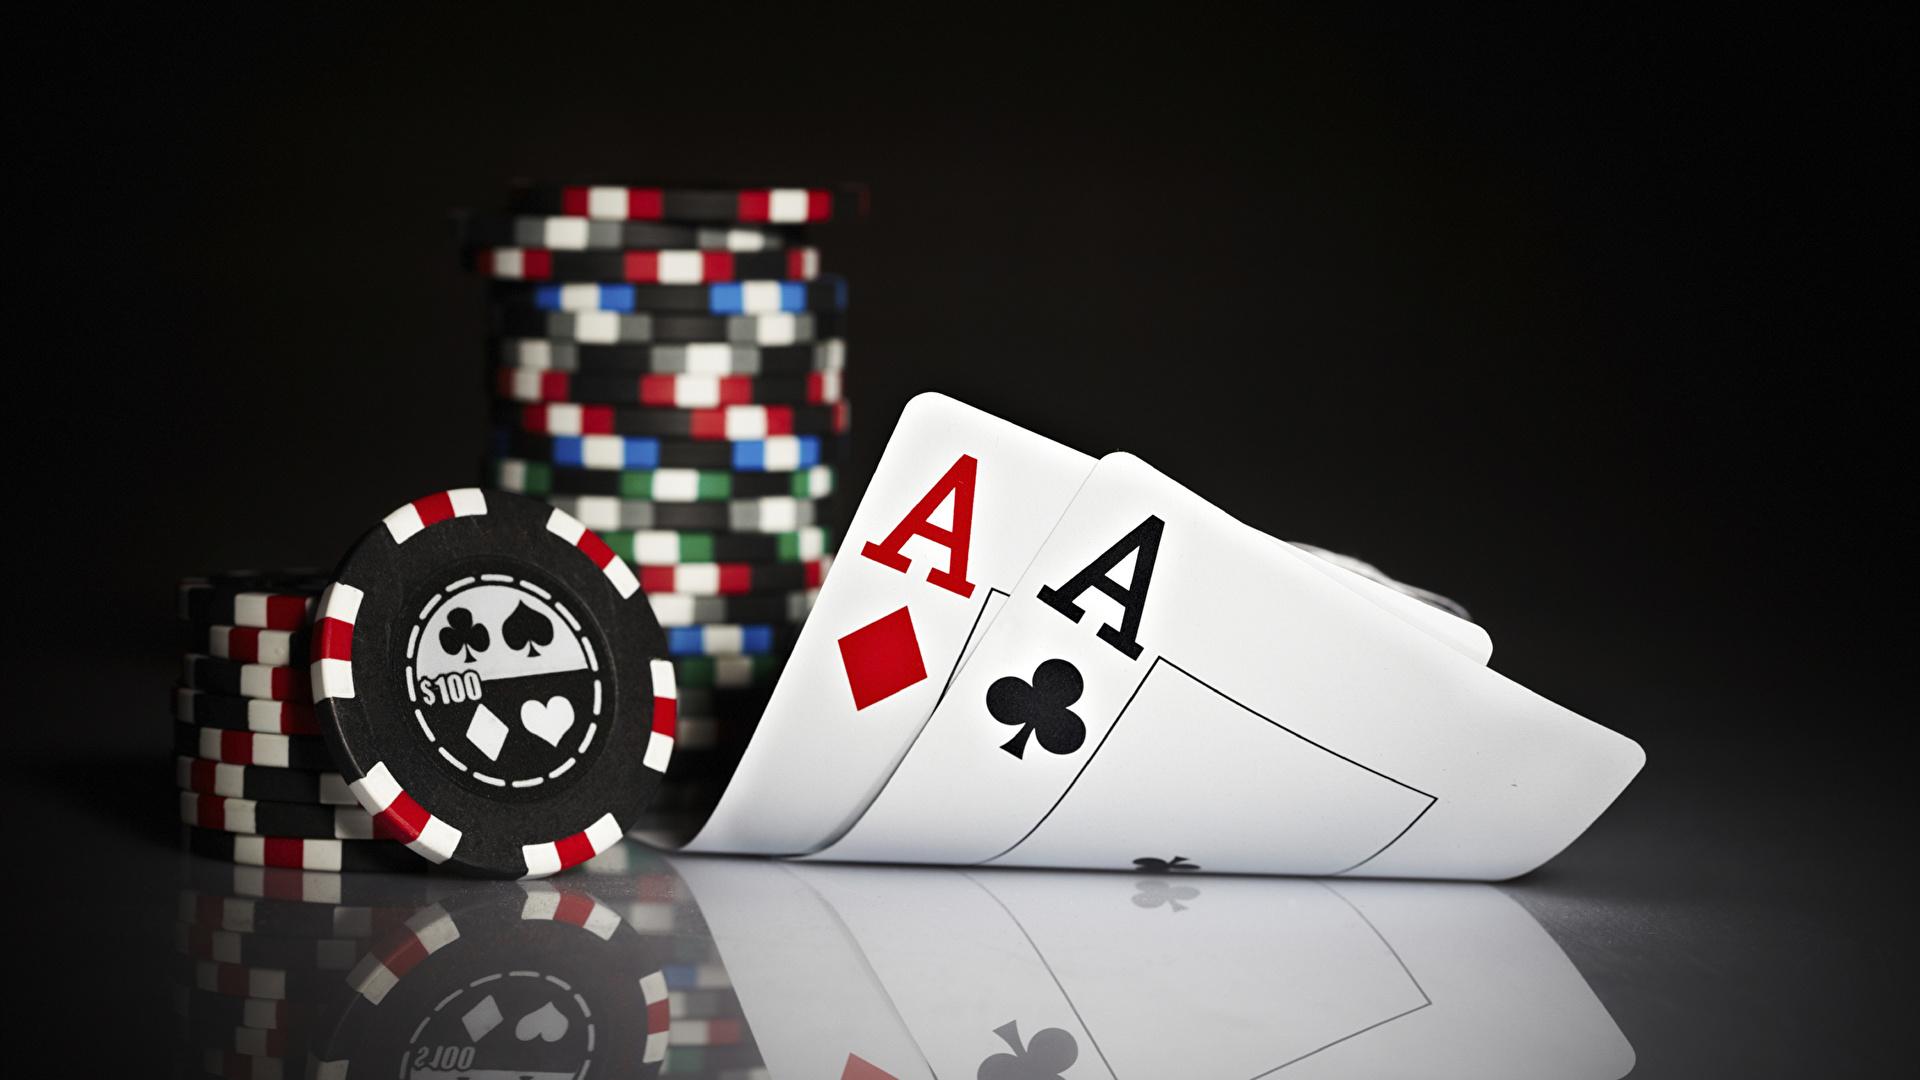 スリーカードポーカーのプレイ方法